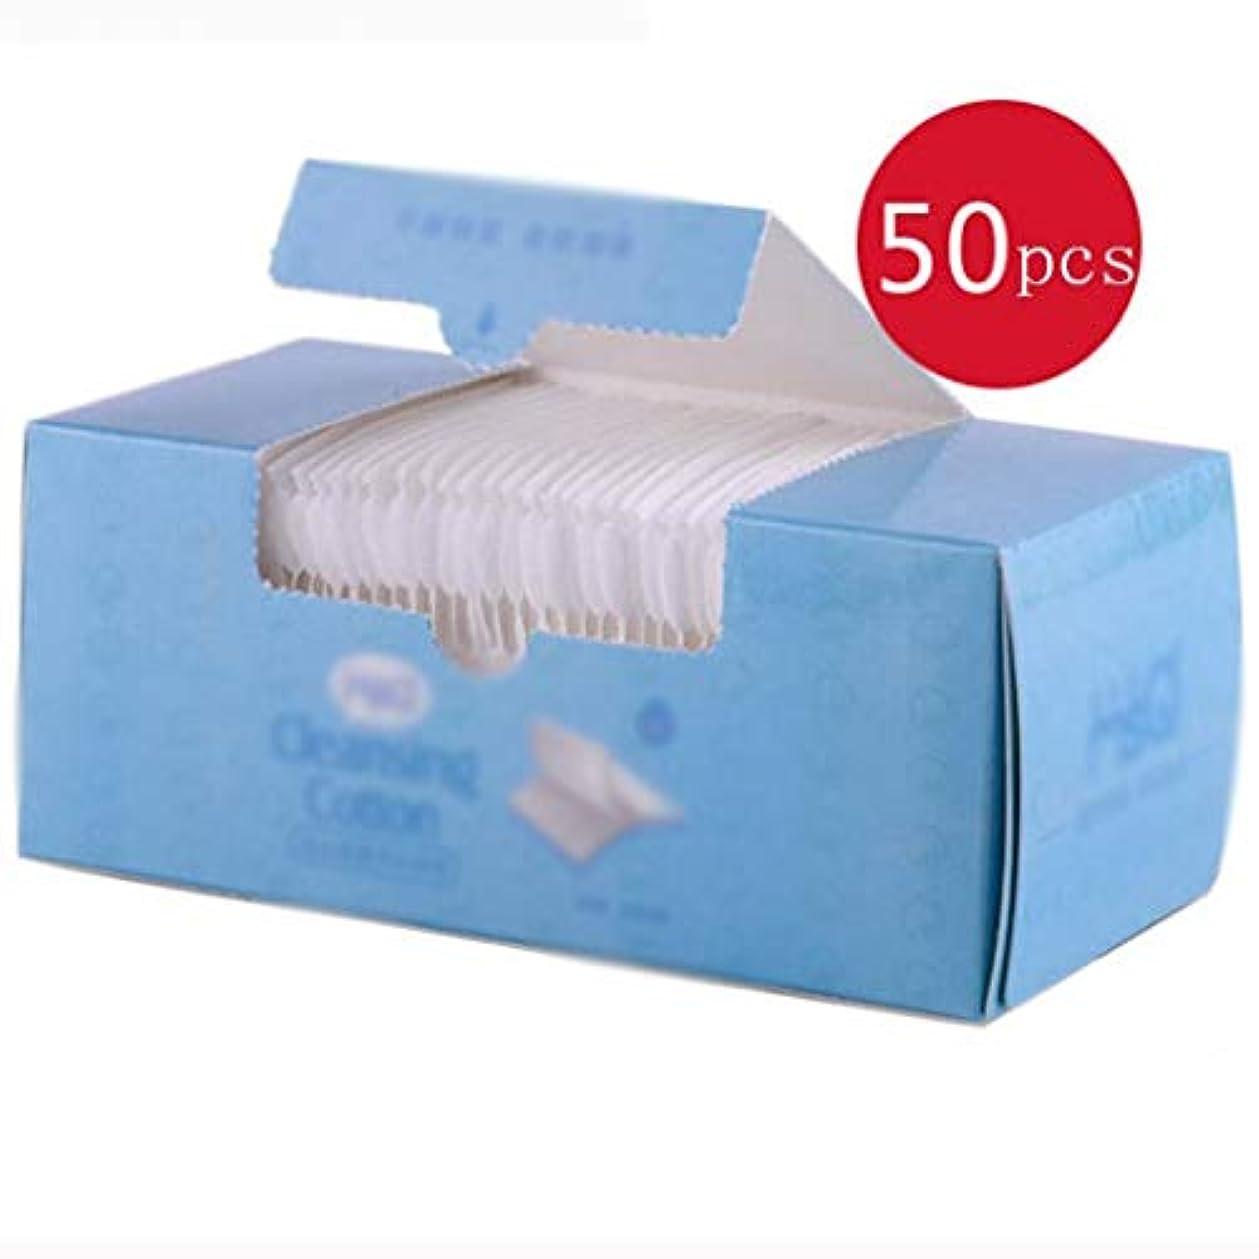 自発スカルク器官クレンジングシート 100%コットンパッドフェイスワイプ50ピース/セット3層ソフトクリーニングコットン両面フェイシャルメイク落とし化粧品ツール (Color : White, サイズ : 5*6cm)